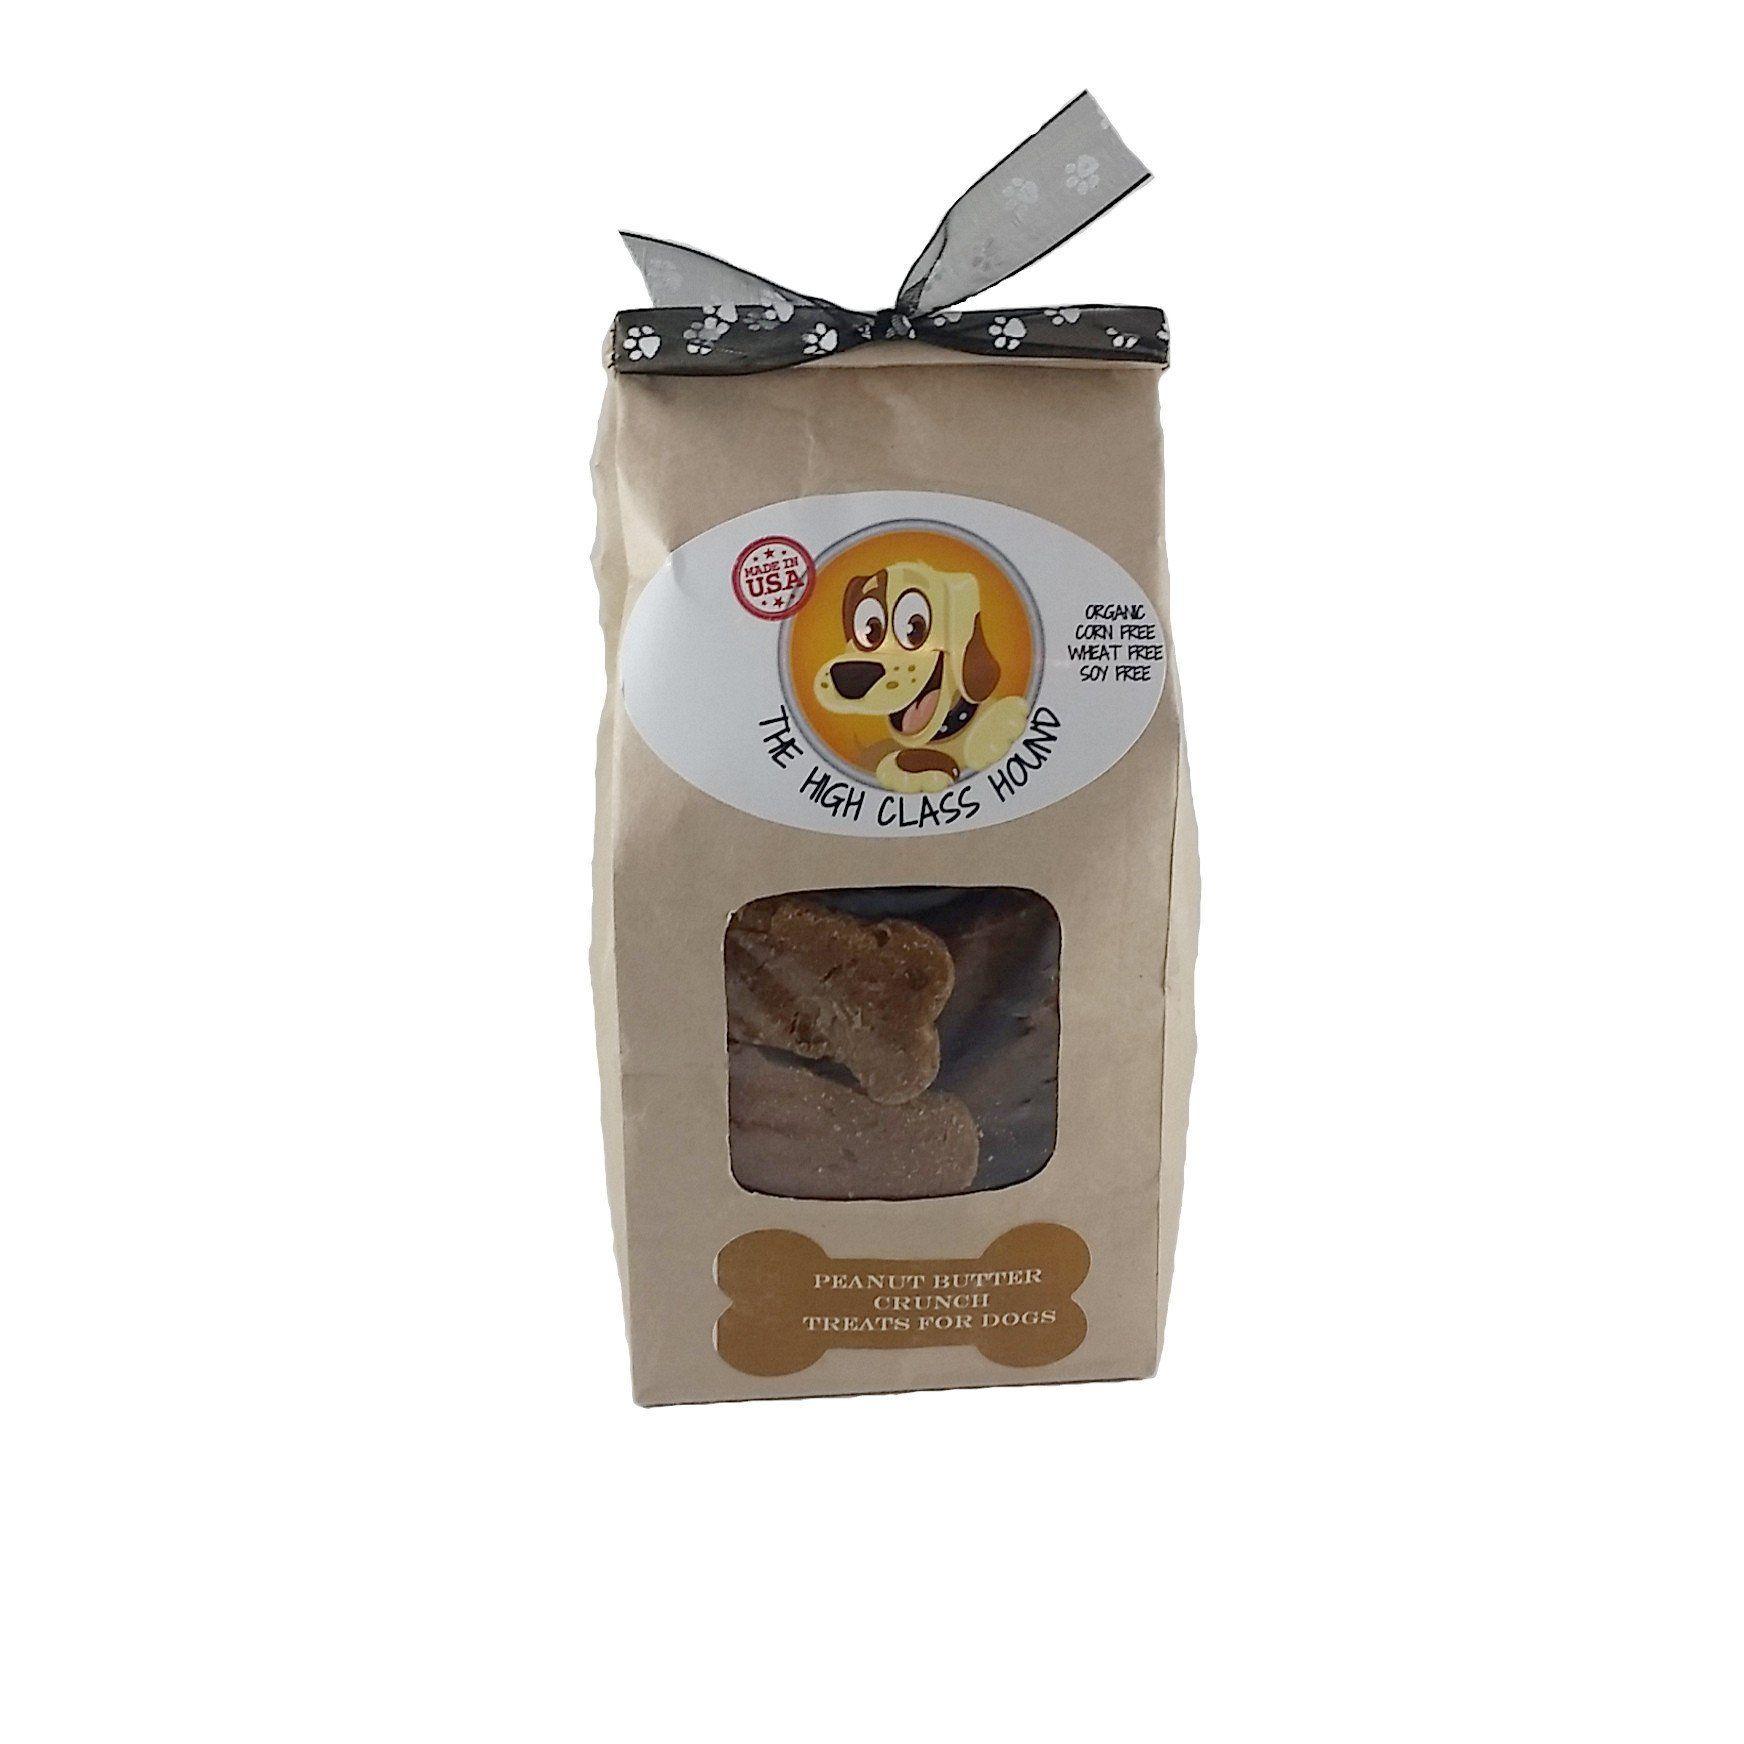 Peanut Butter Crunch Dog Bone Biscuits